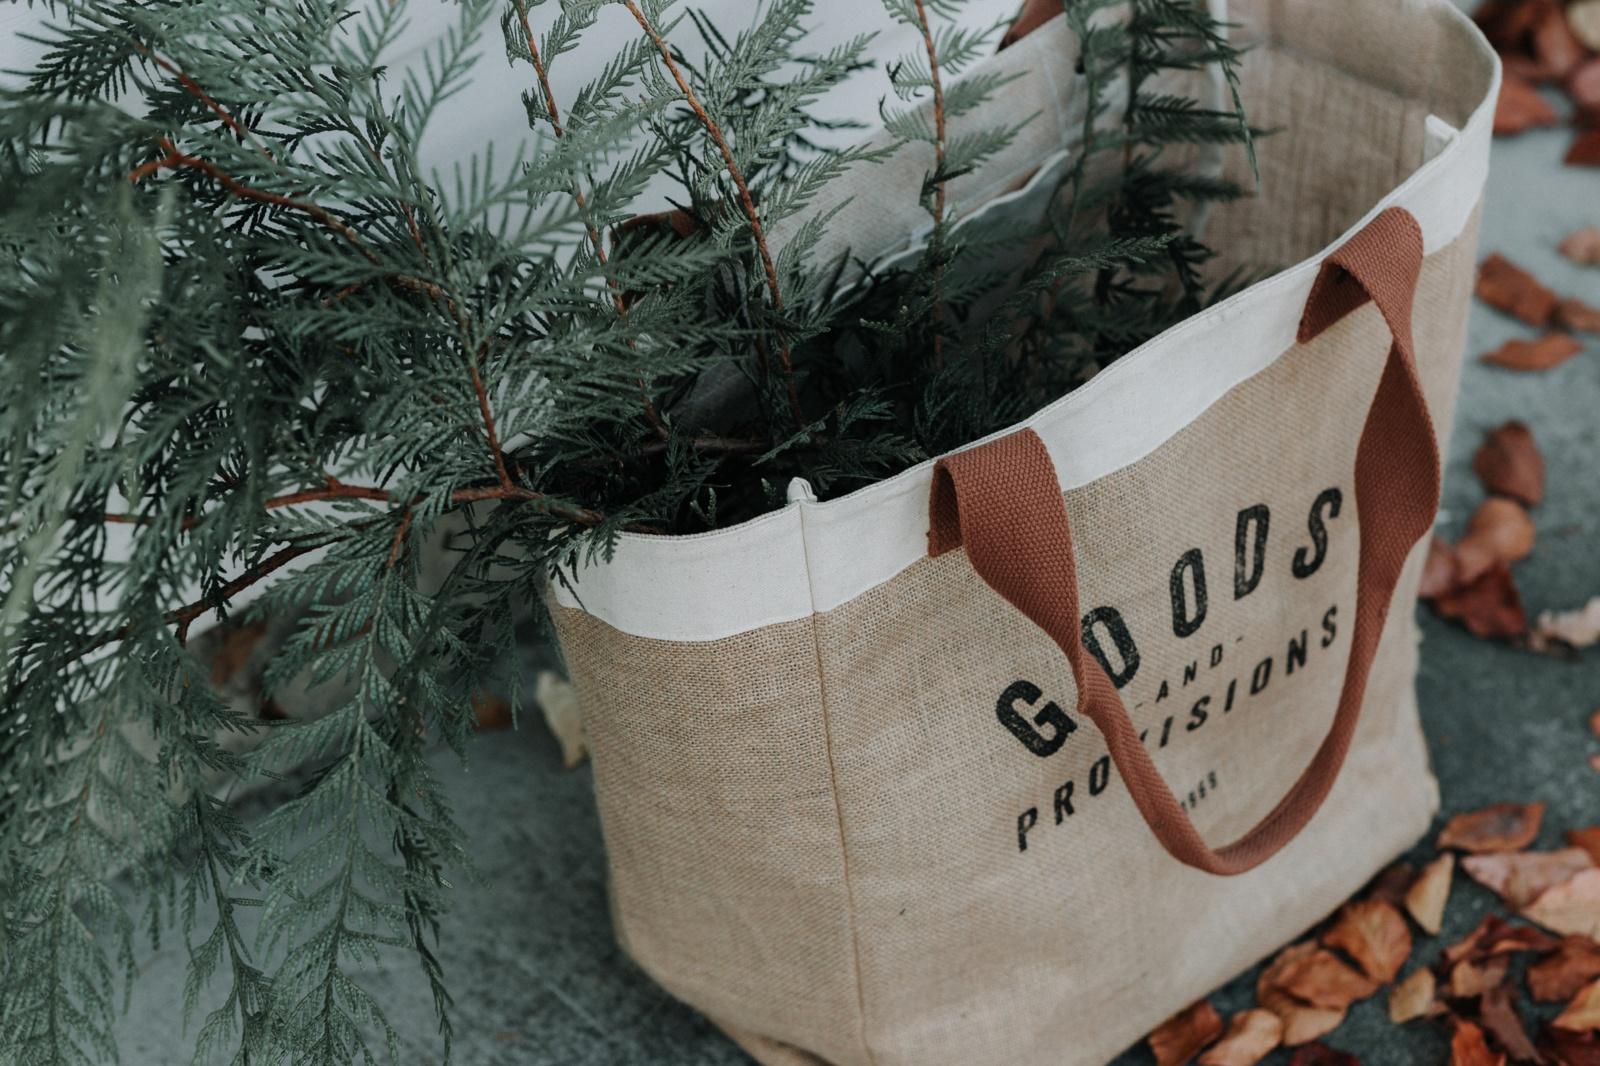 Kaip lengviau pasiruošti Kalėdoms darbe?